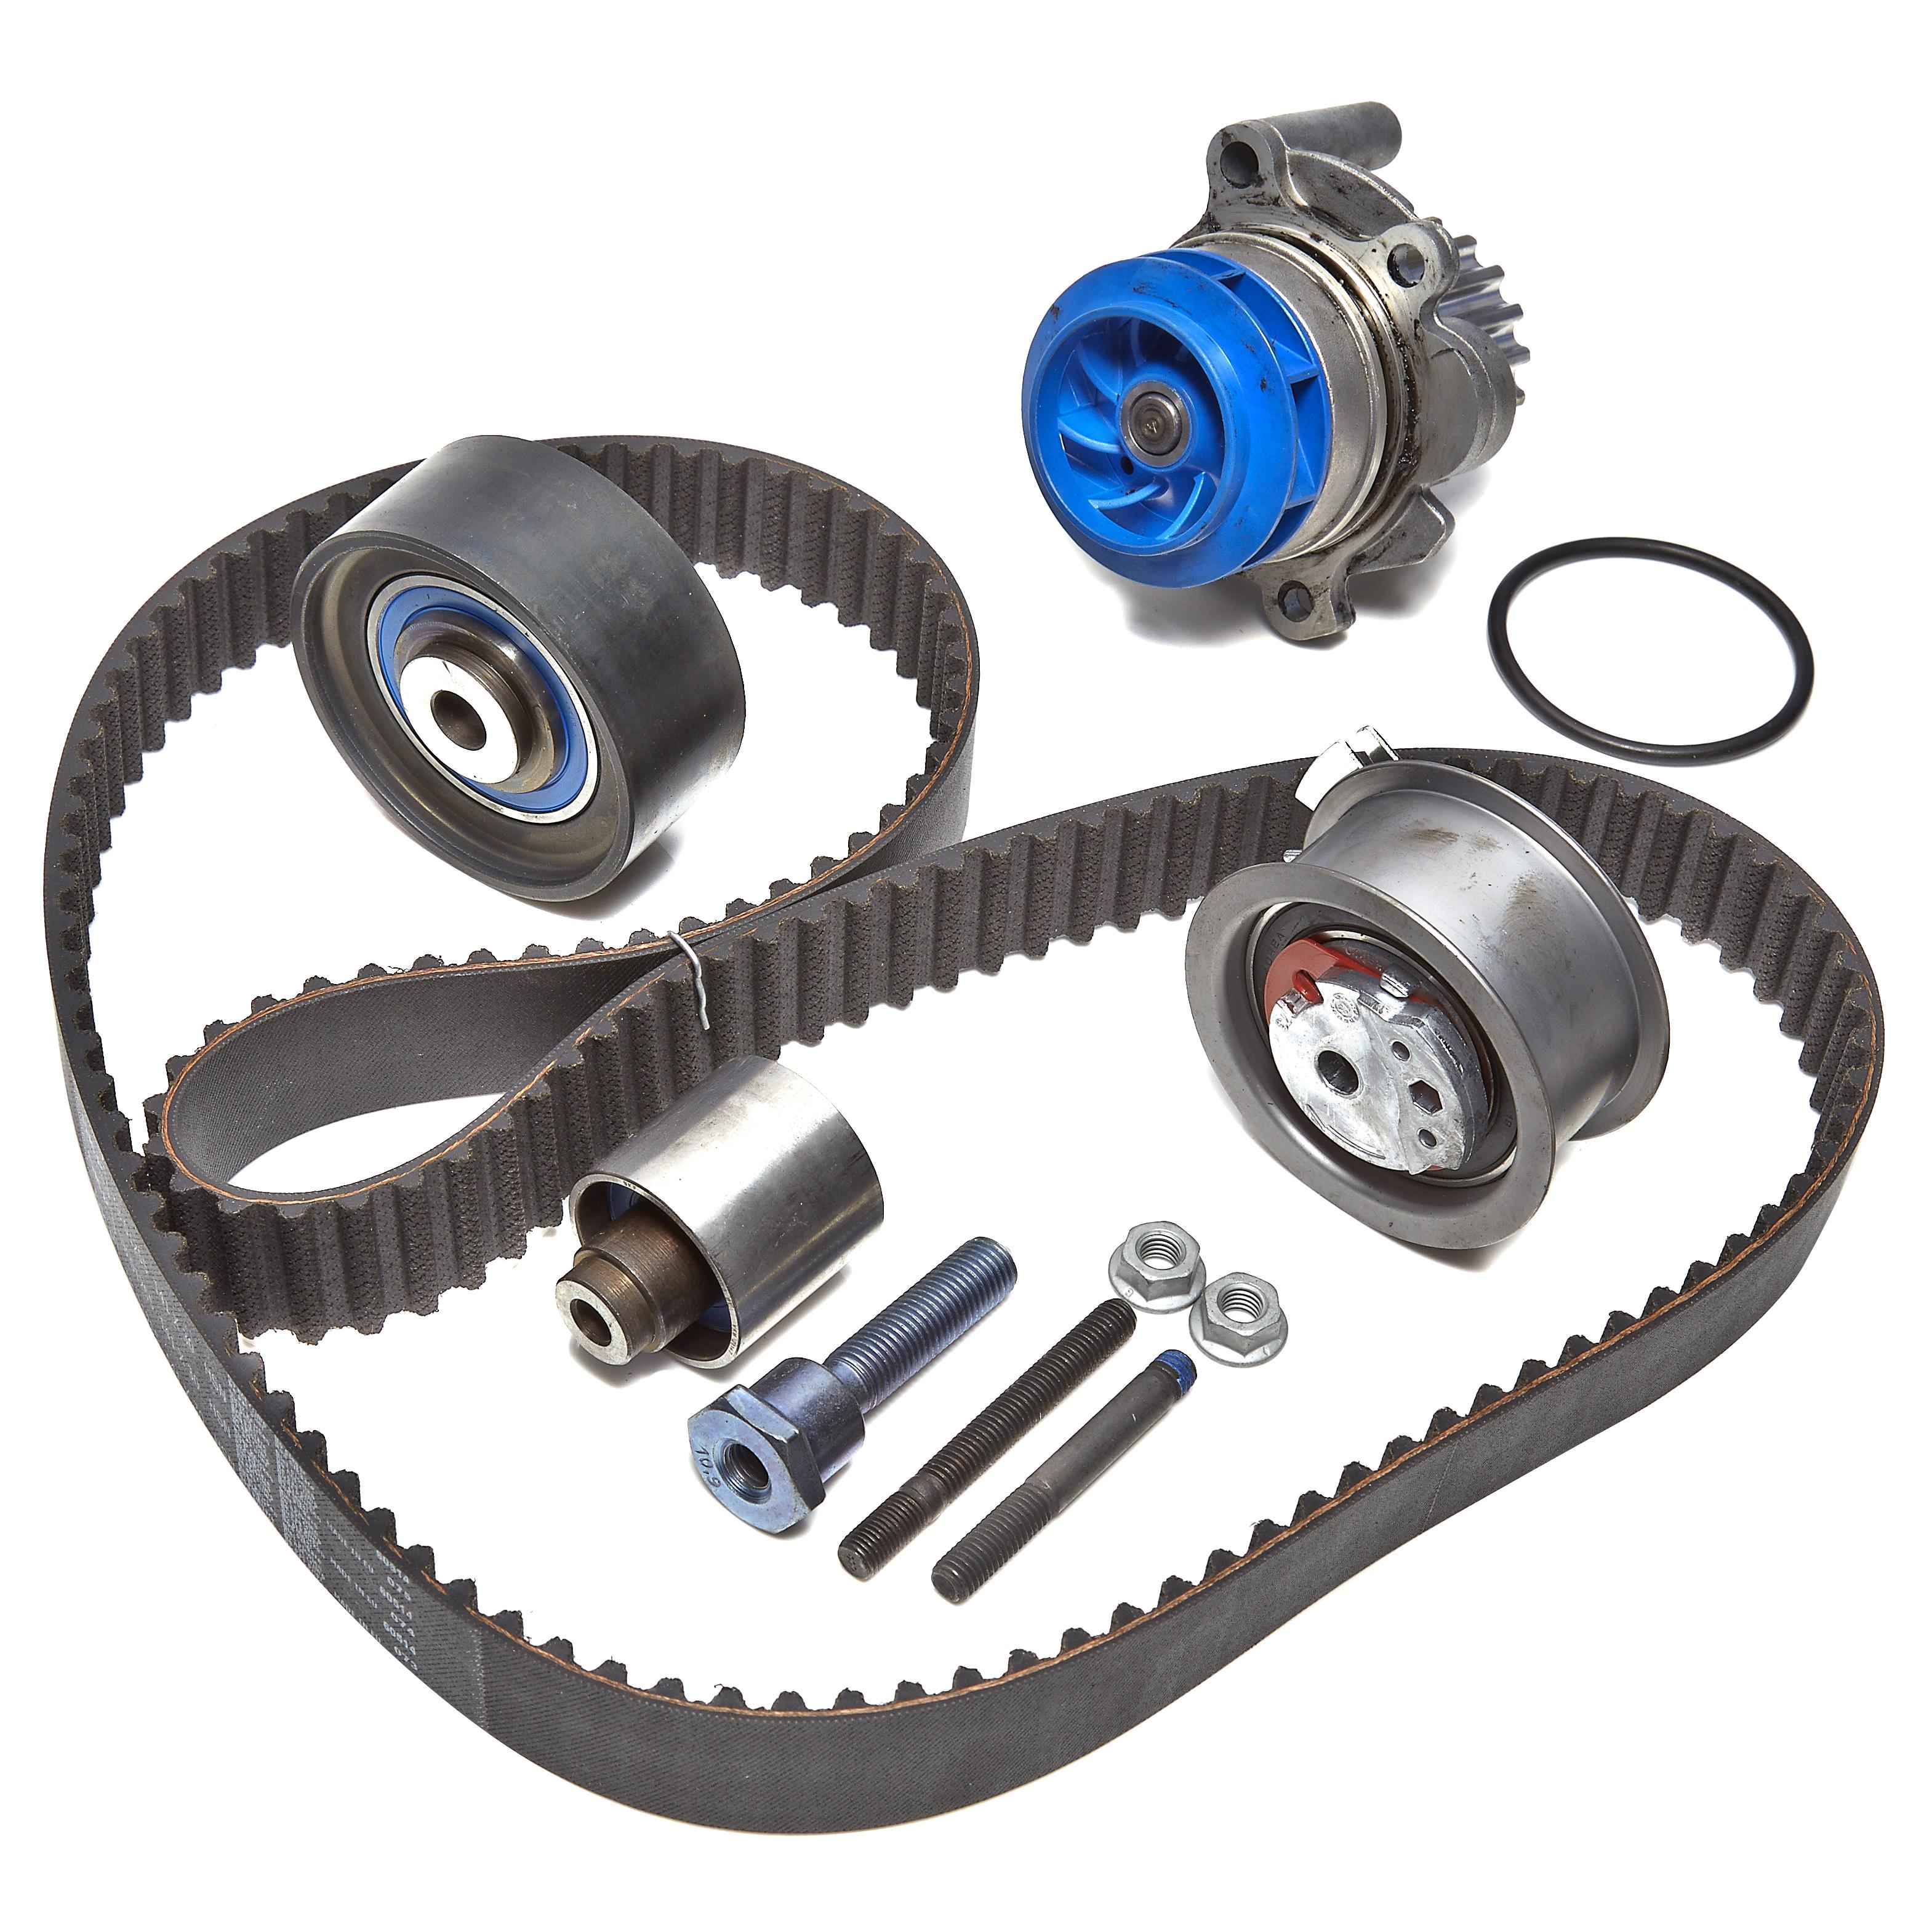 Vw Touran Skoda Seat Audi Skf Timing Belt Kit Water Pump Engine Chain Item Specifics